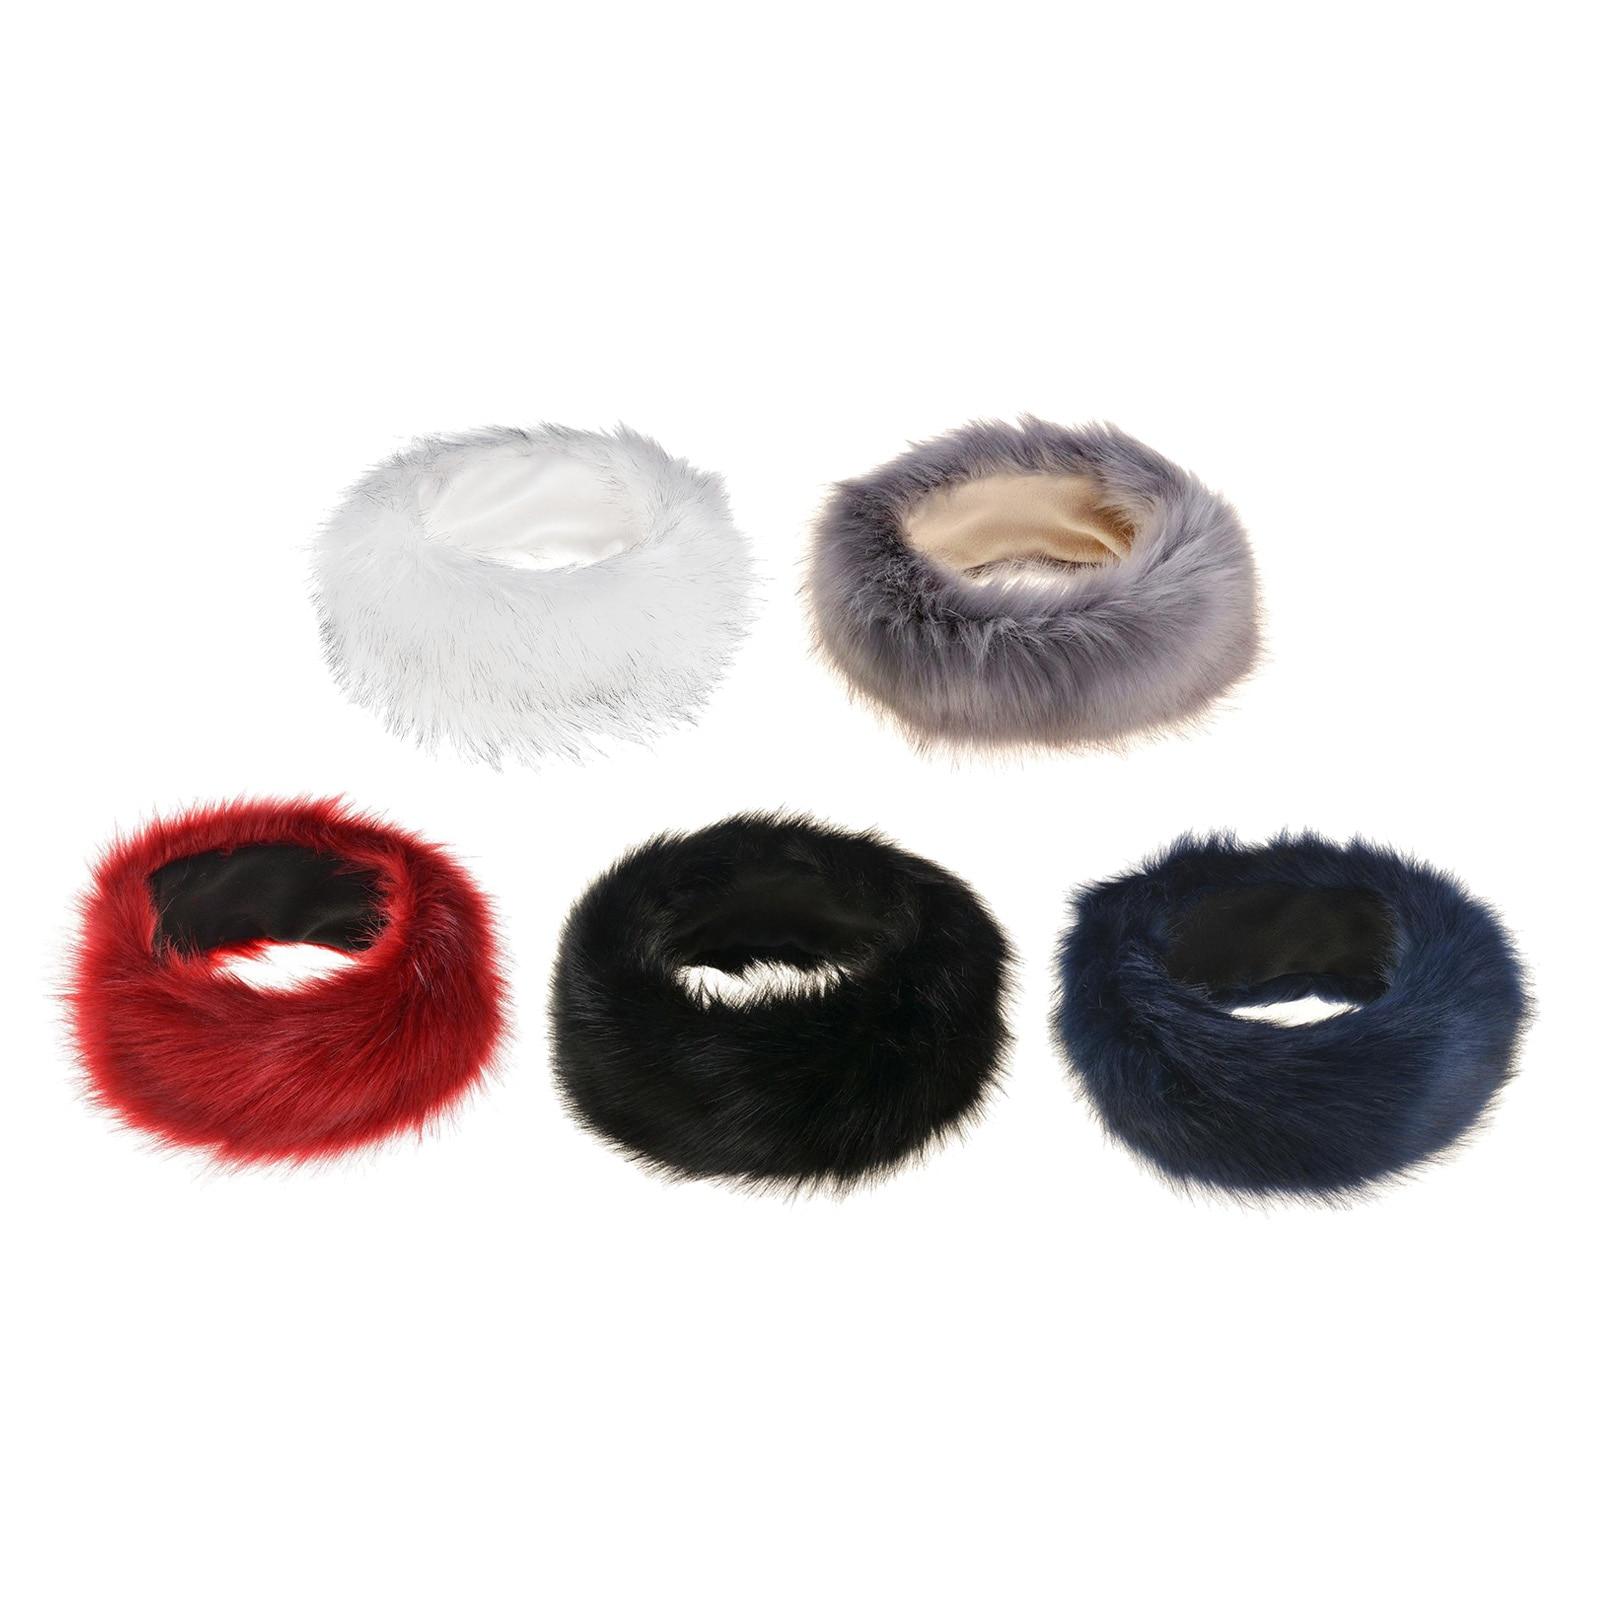 Inverno grosso bandana para homens de pele hairband russo peludo earmuffs elástico turbante largo headwear esqui chapéus acessórios